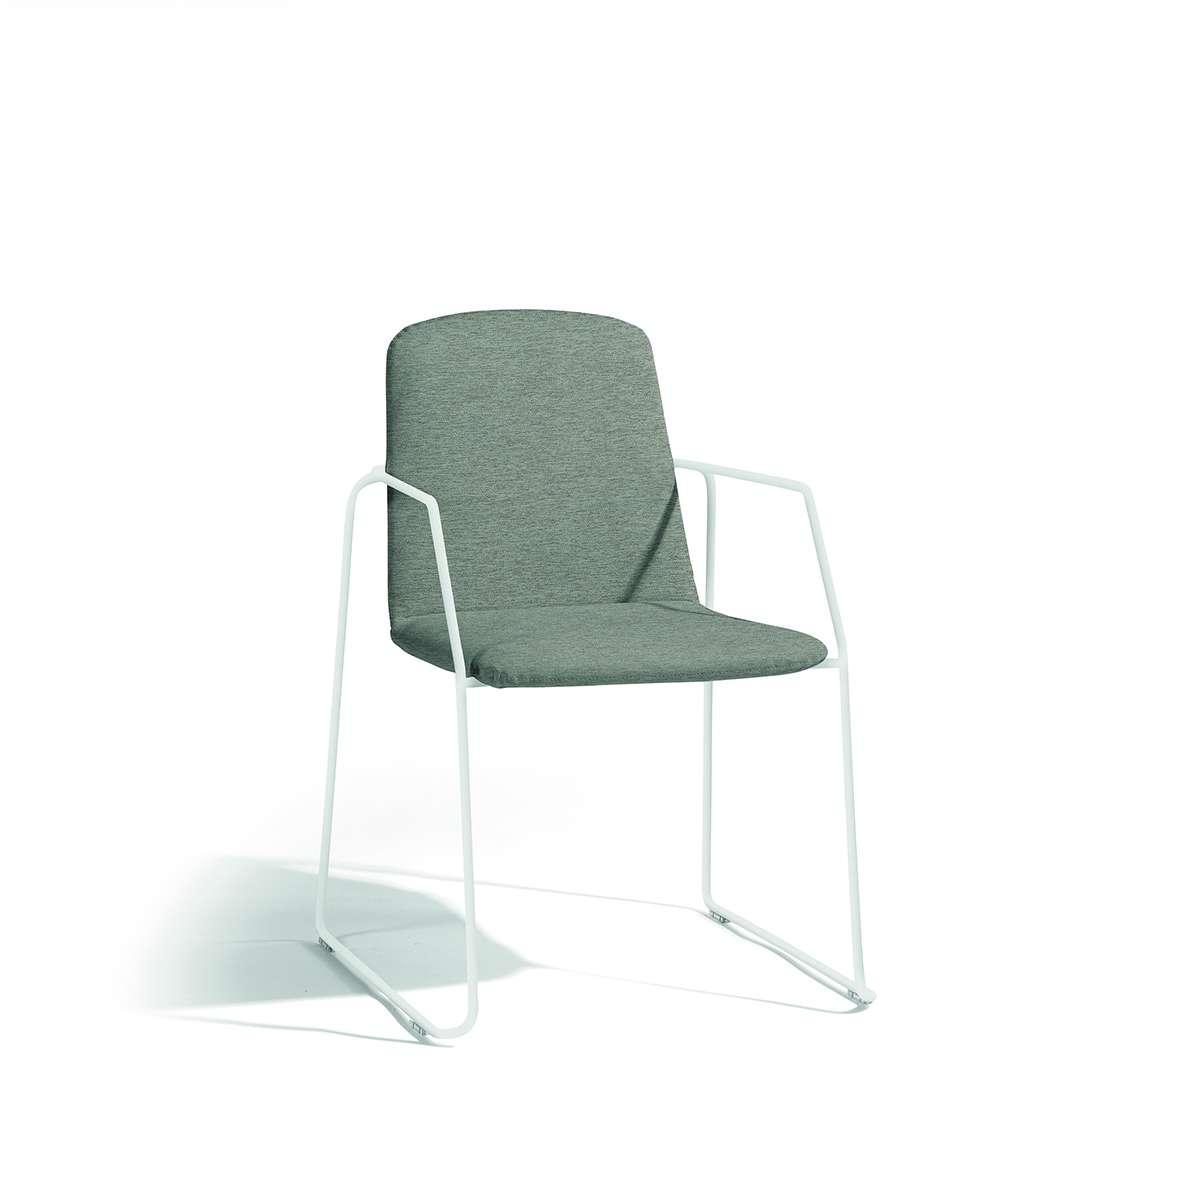 Loop - Dining Chair